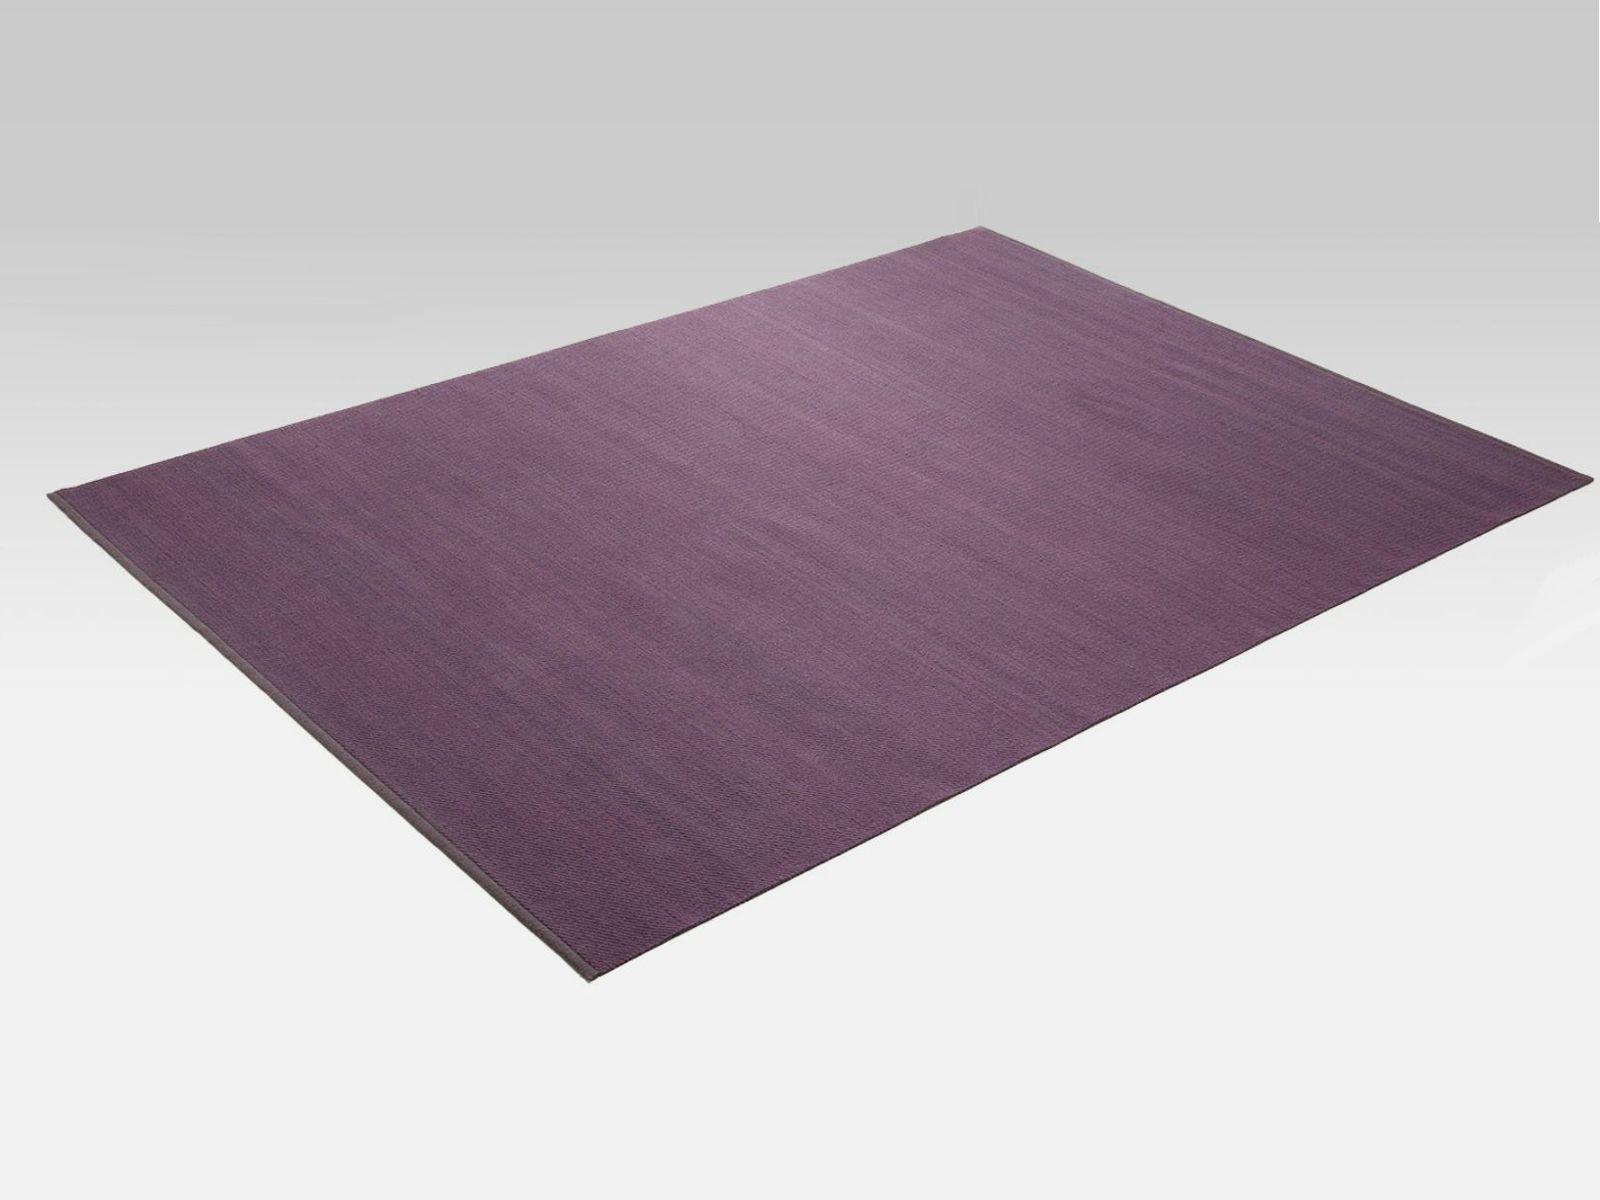 Tappeto lana pelo corto idee per il design della casa - Ikea tappeti pelo corto ...